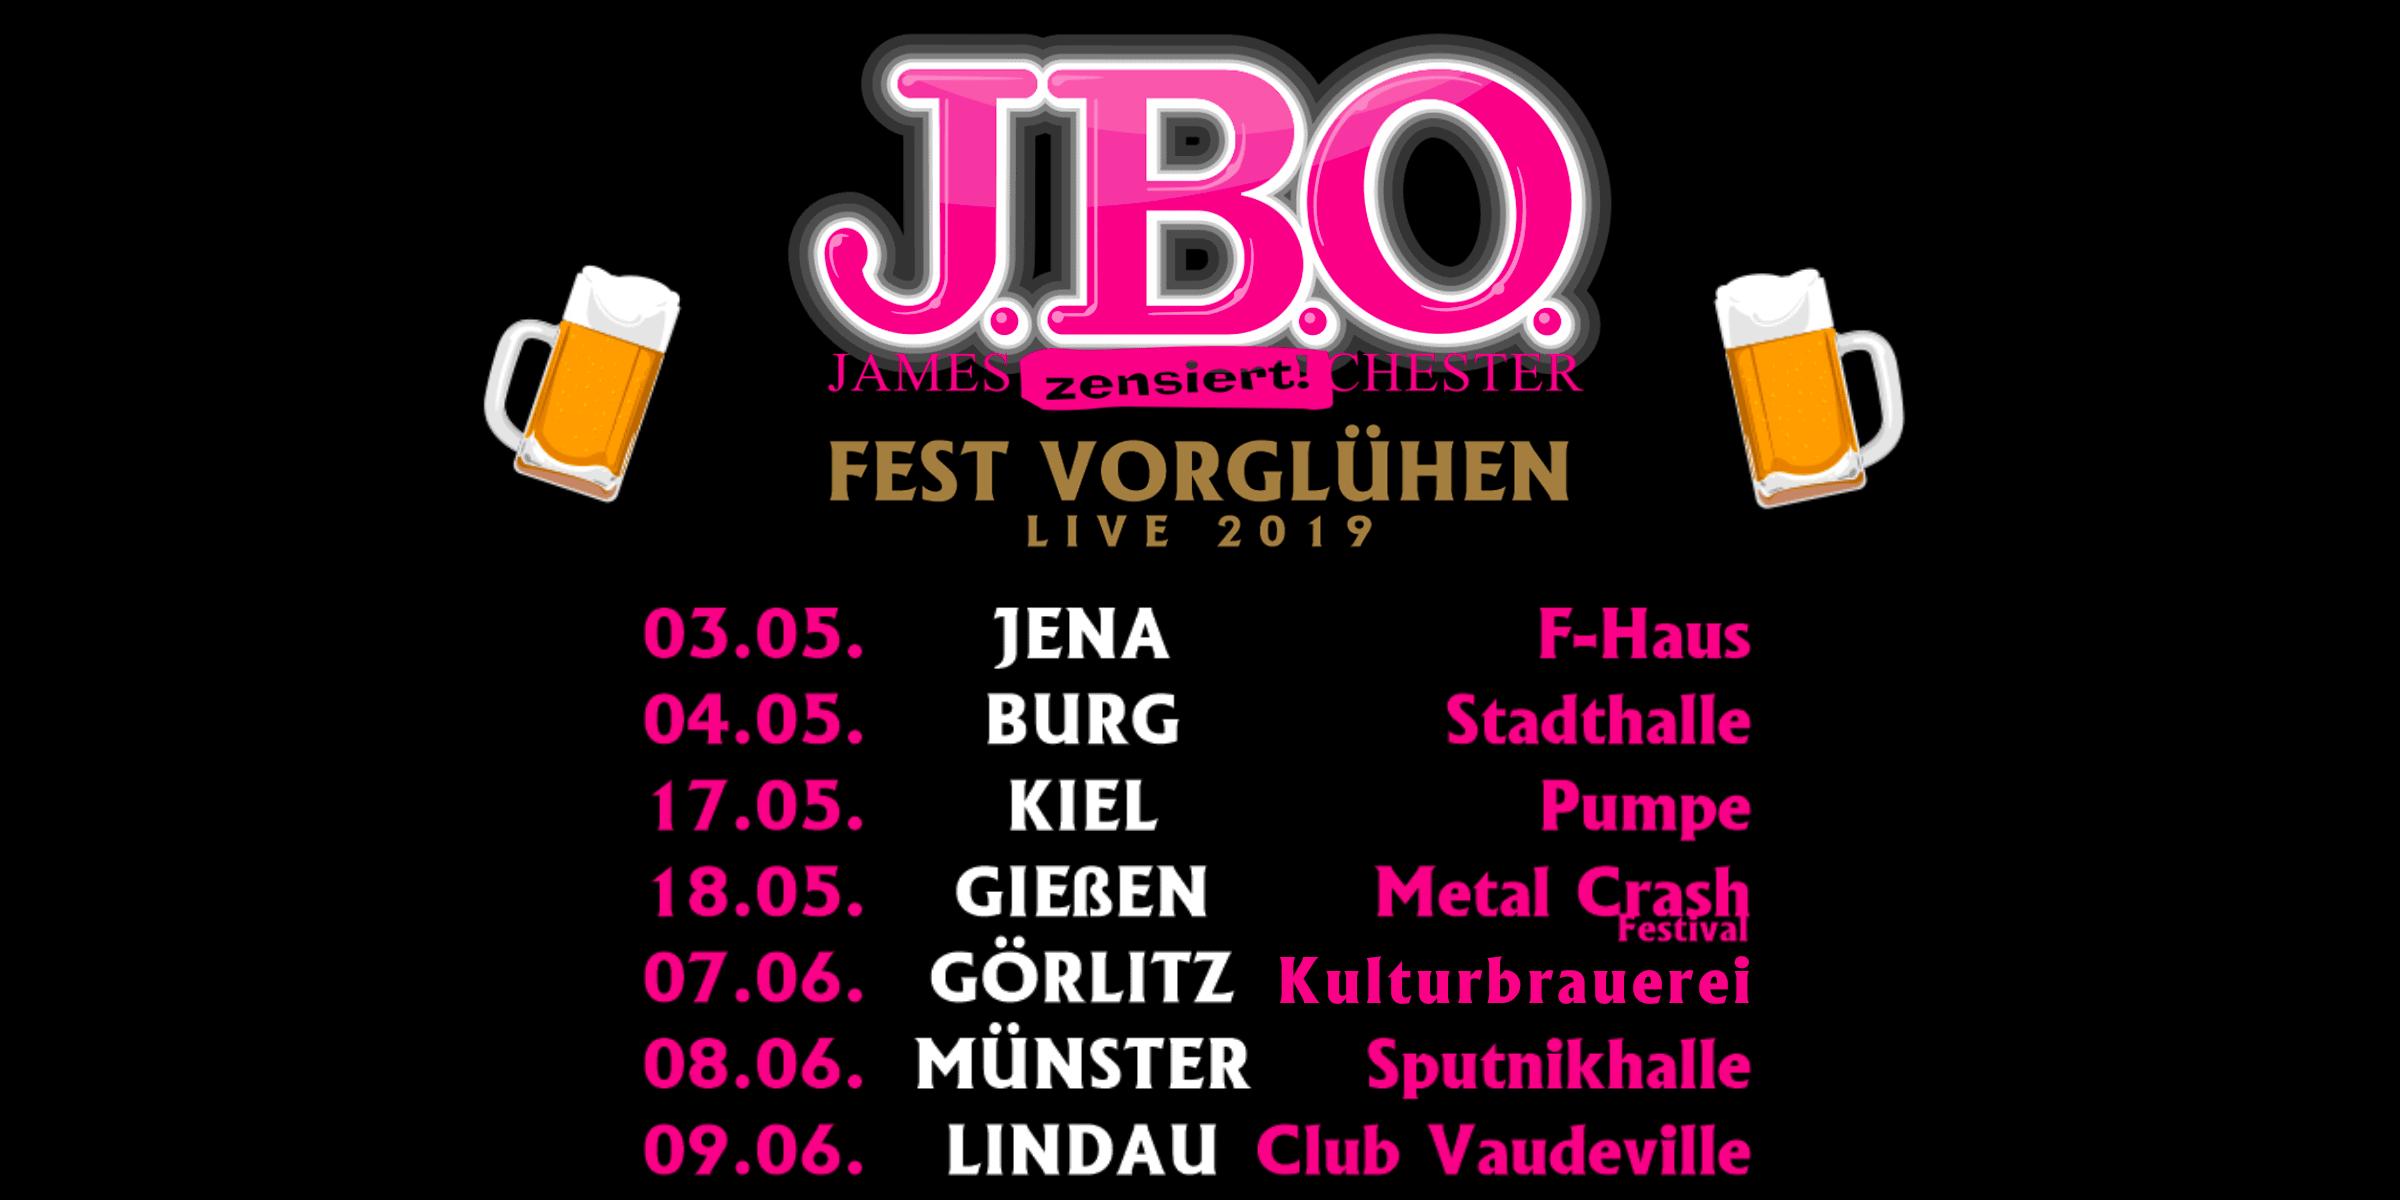 🎄 Blastvent: 2×2 Fest Vorglühen in Jena